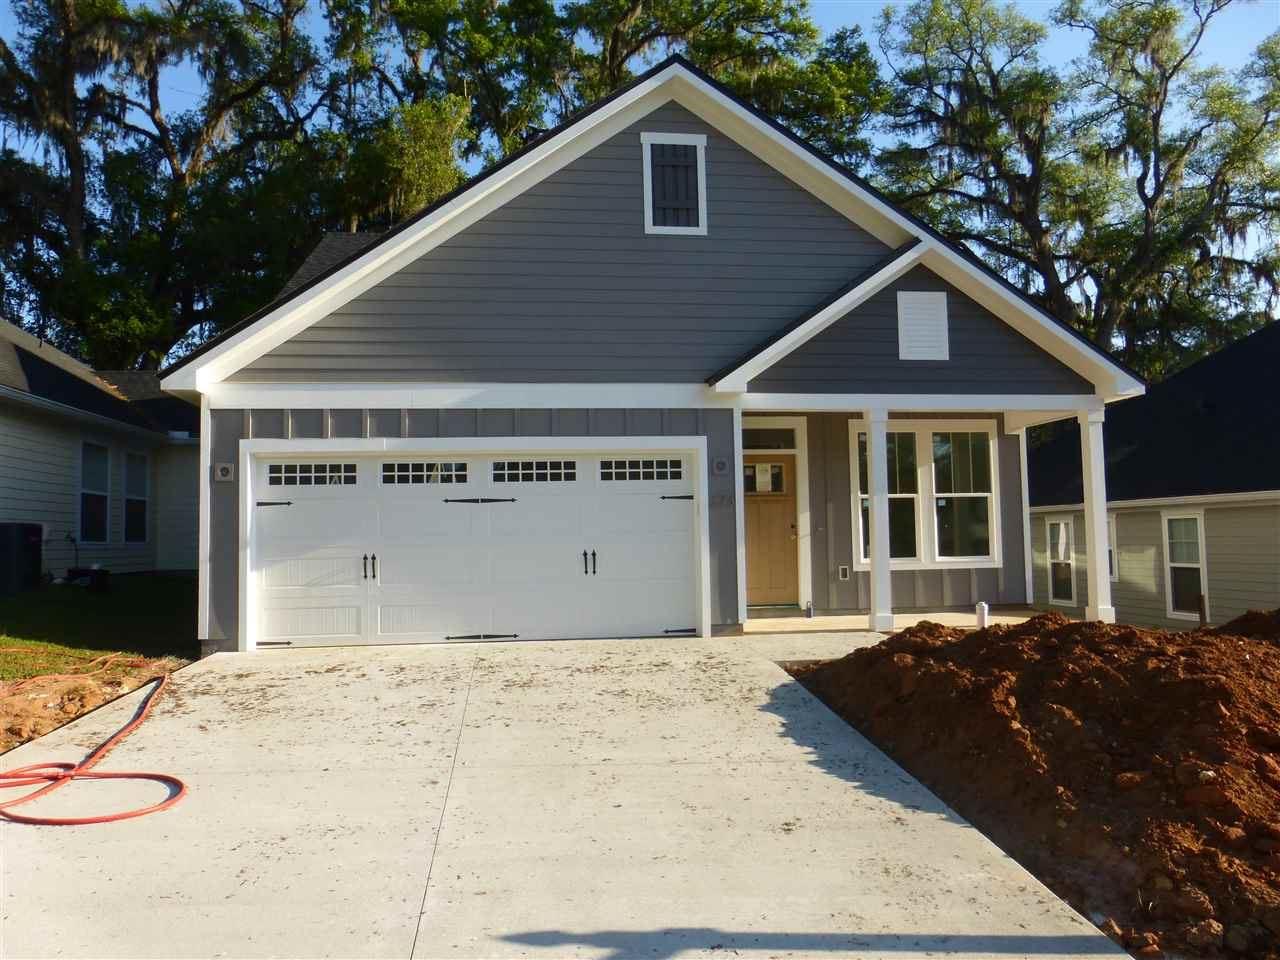 373 Gathering Oaks Drive, Tallahassee, FL 32308 - MLS#: 330511